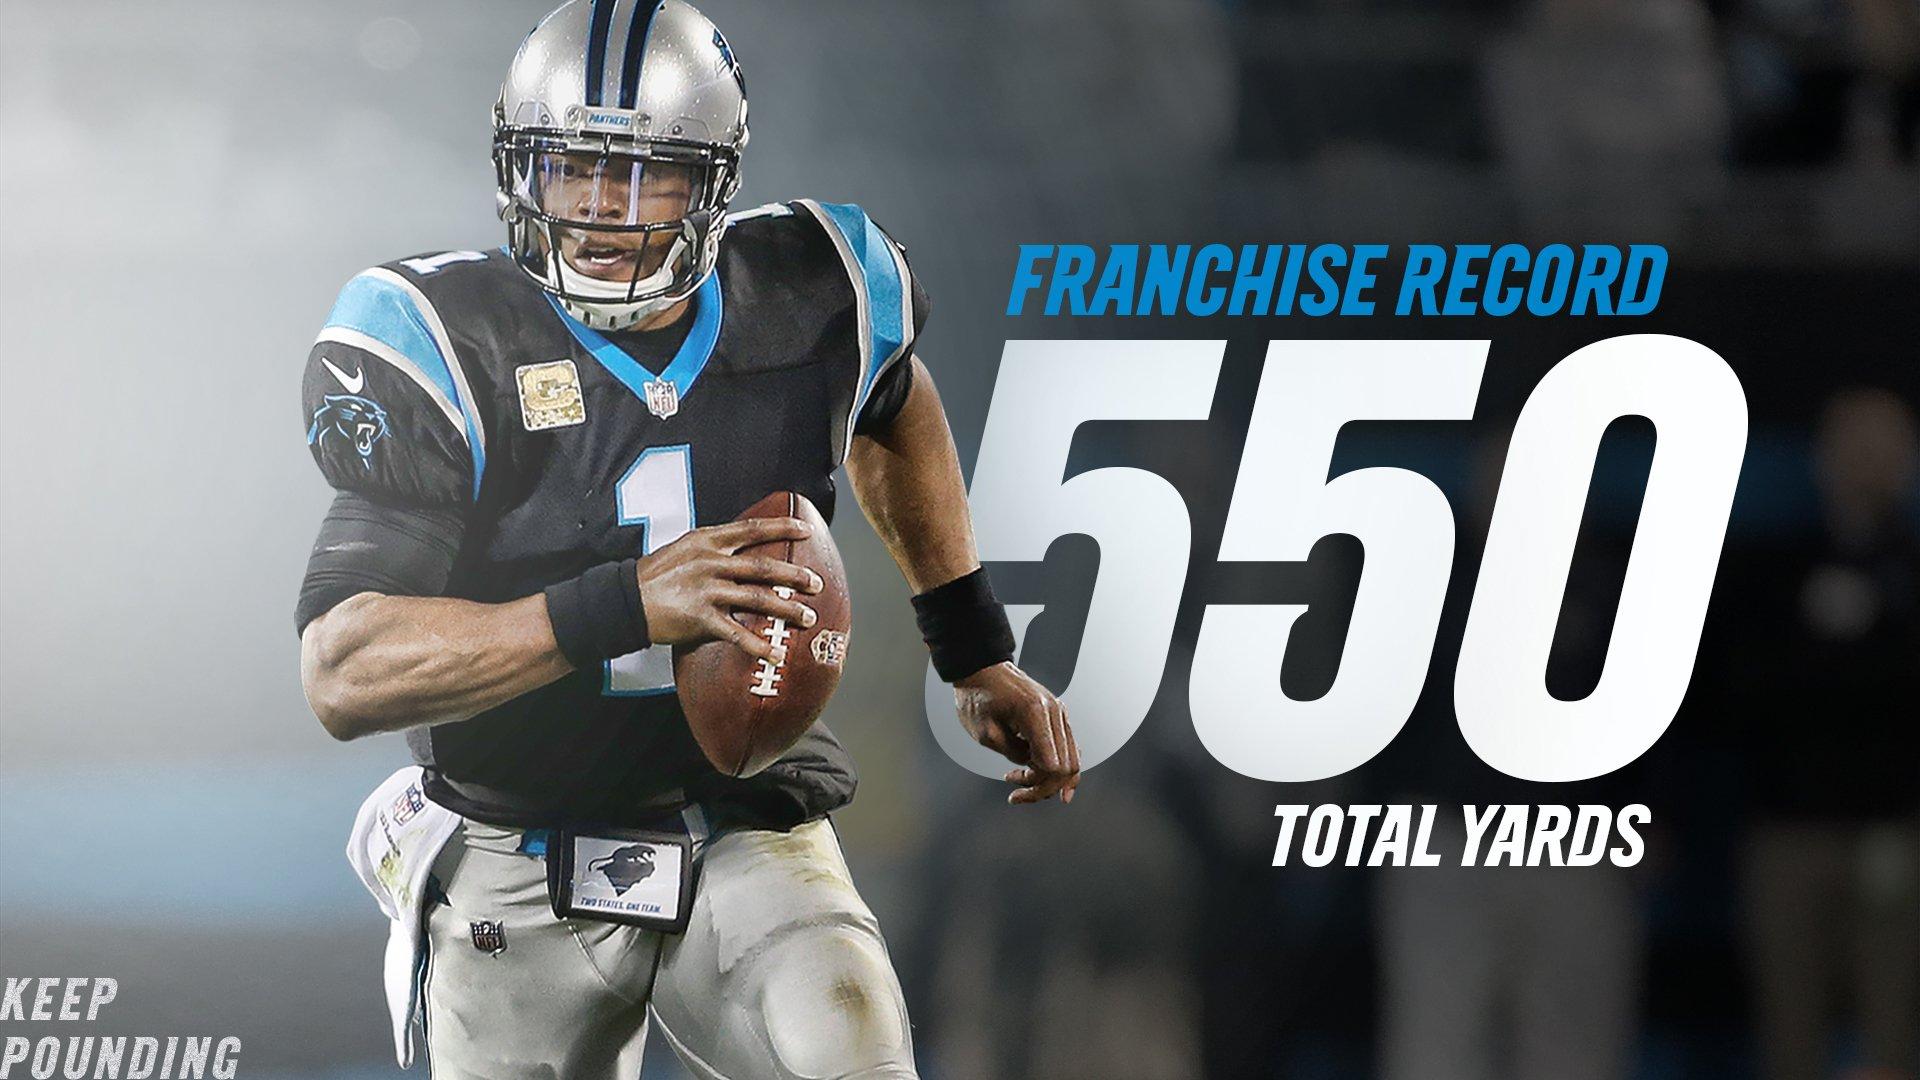 �� Franchise Record. https://t.co/URizJofoHn